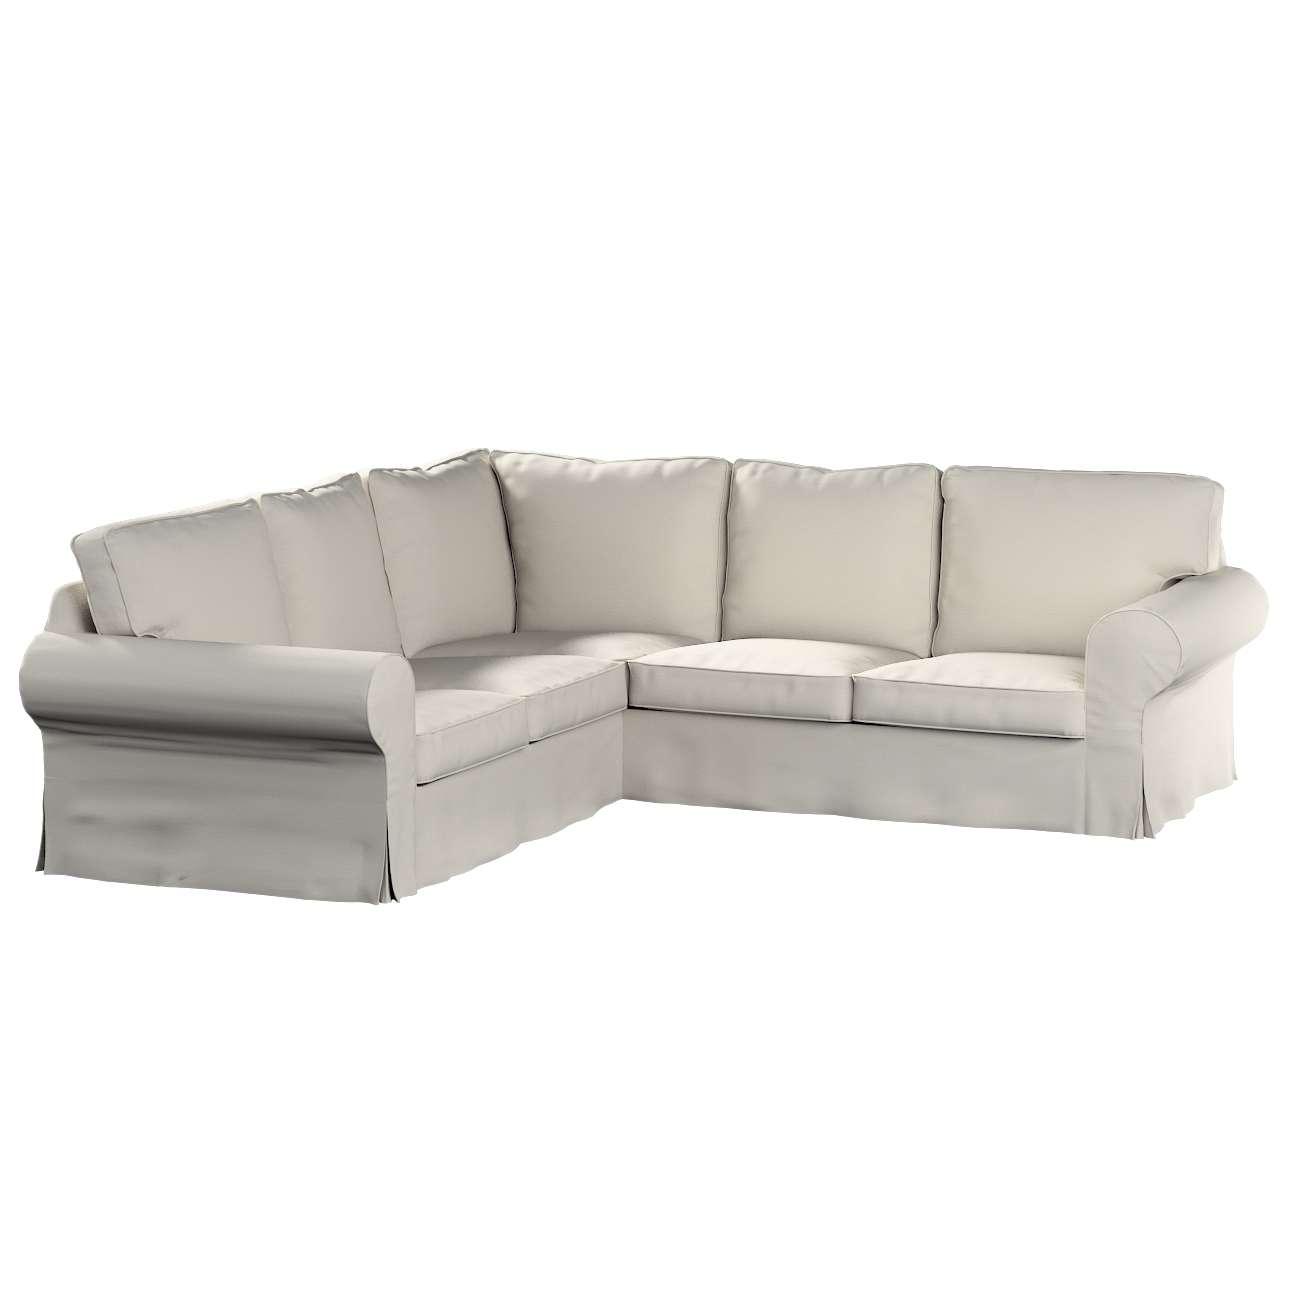 Pokrowiec Ektorp na sofę Sofa Ektorp narożna w kolekcji Cotton Panama, tkanina: 702-31